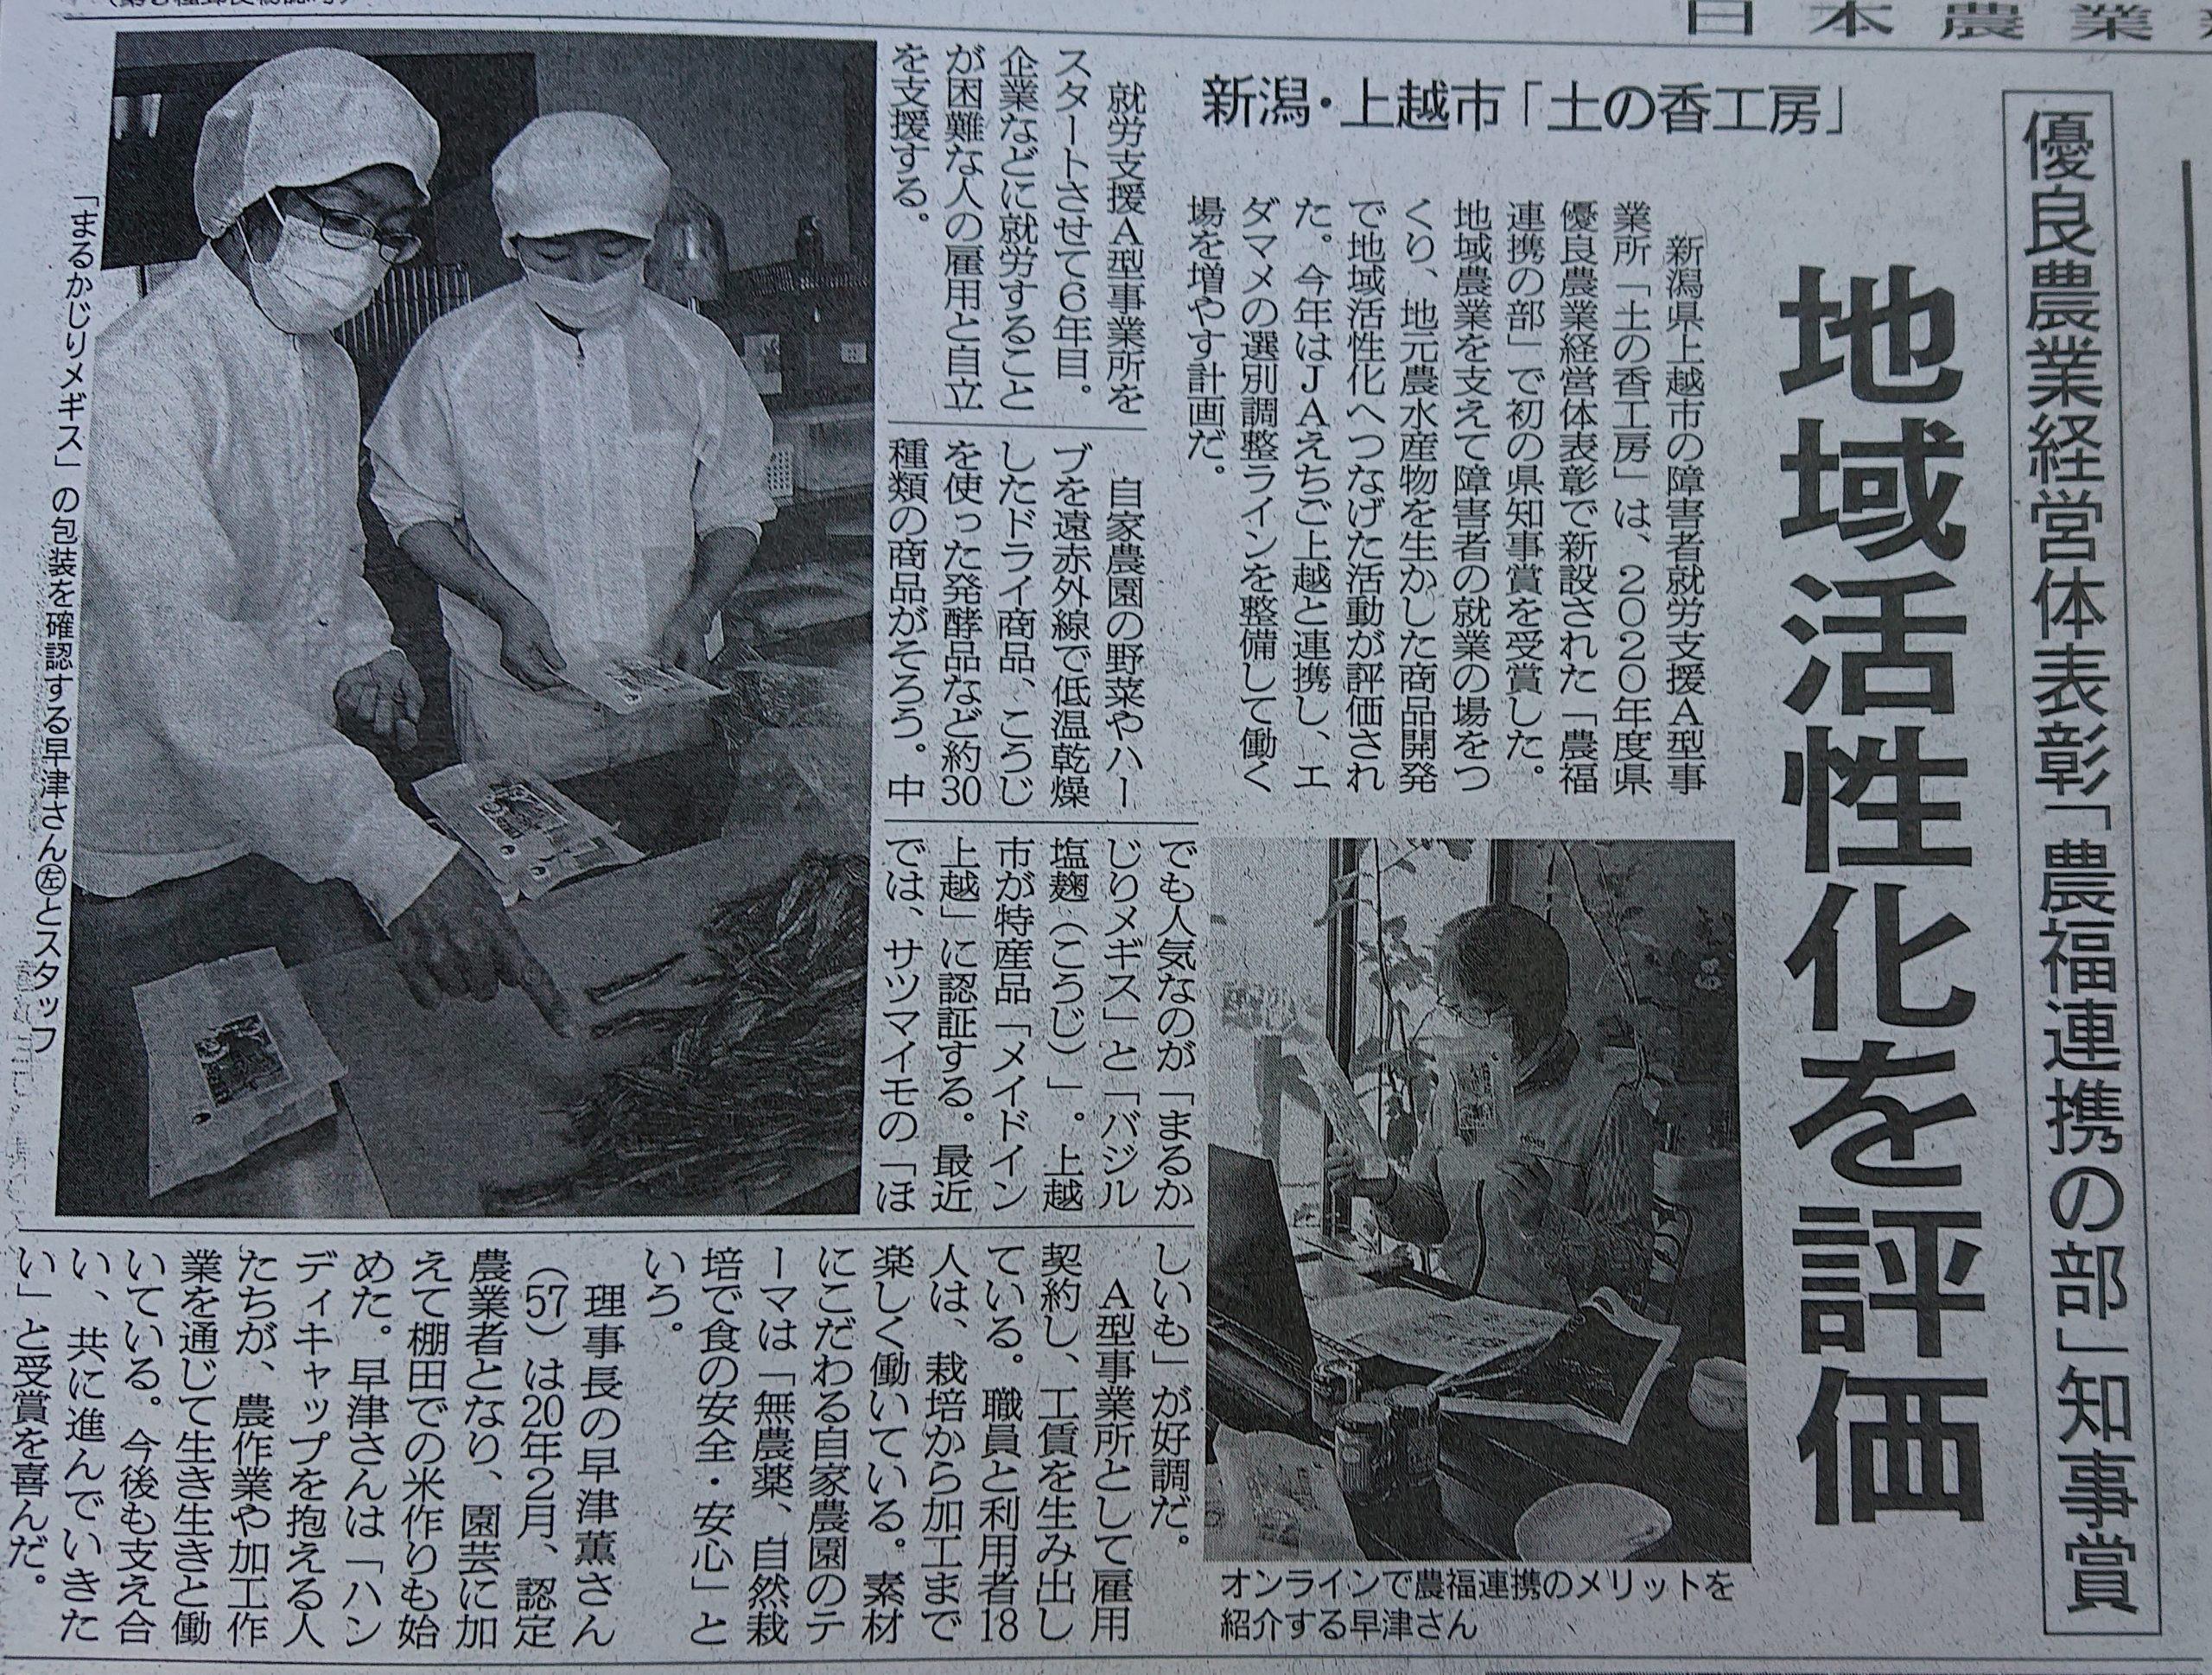 新聞 日本 農業 全国農業新聞